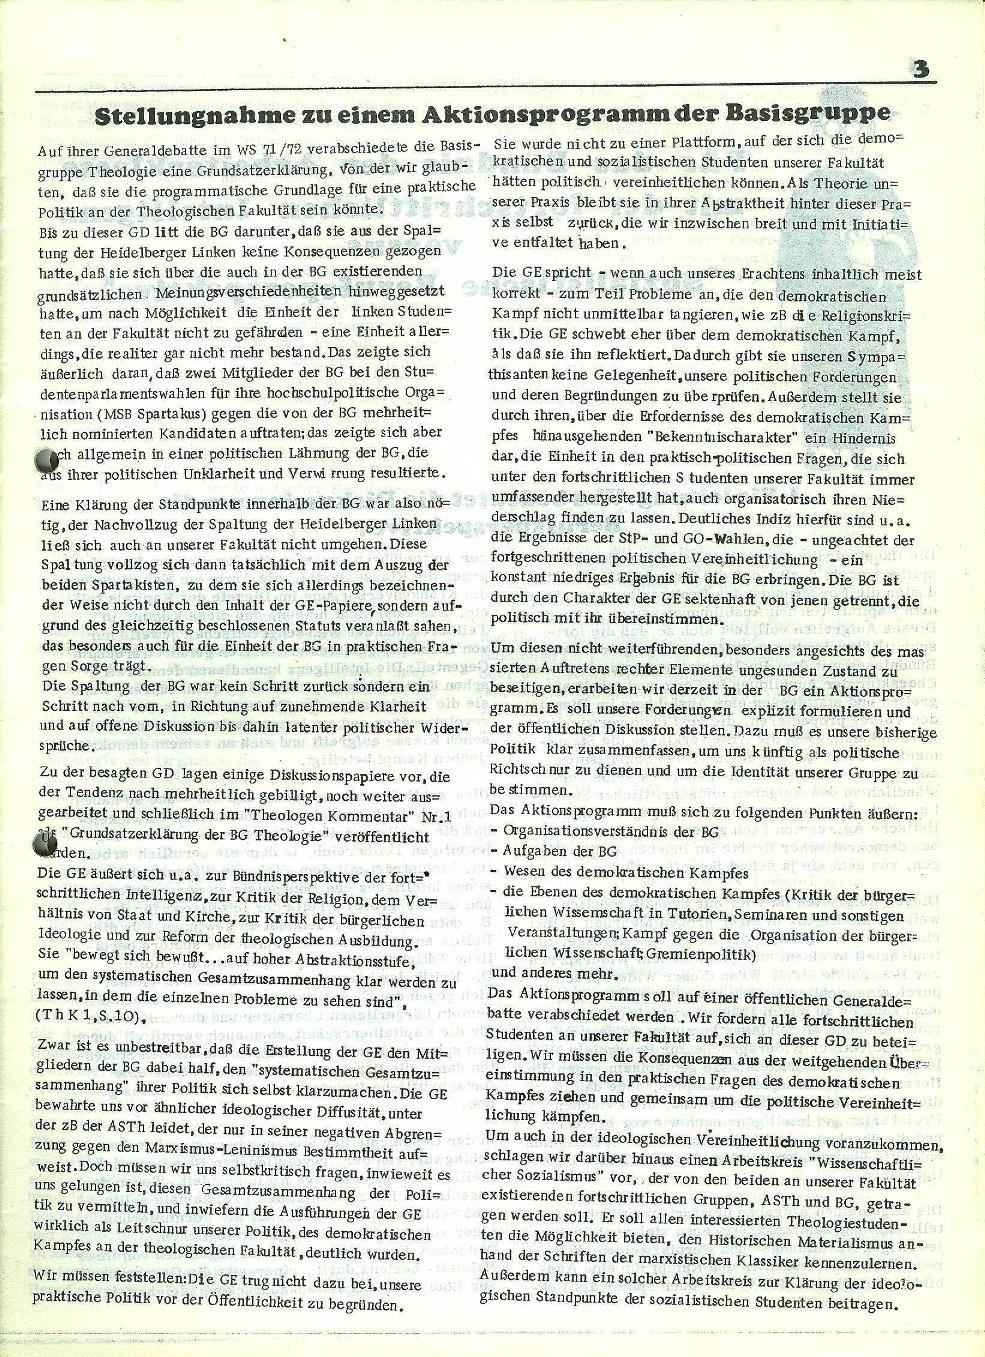 Heidelberg_Theologie_1973_03_03